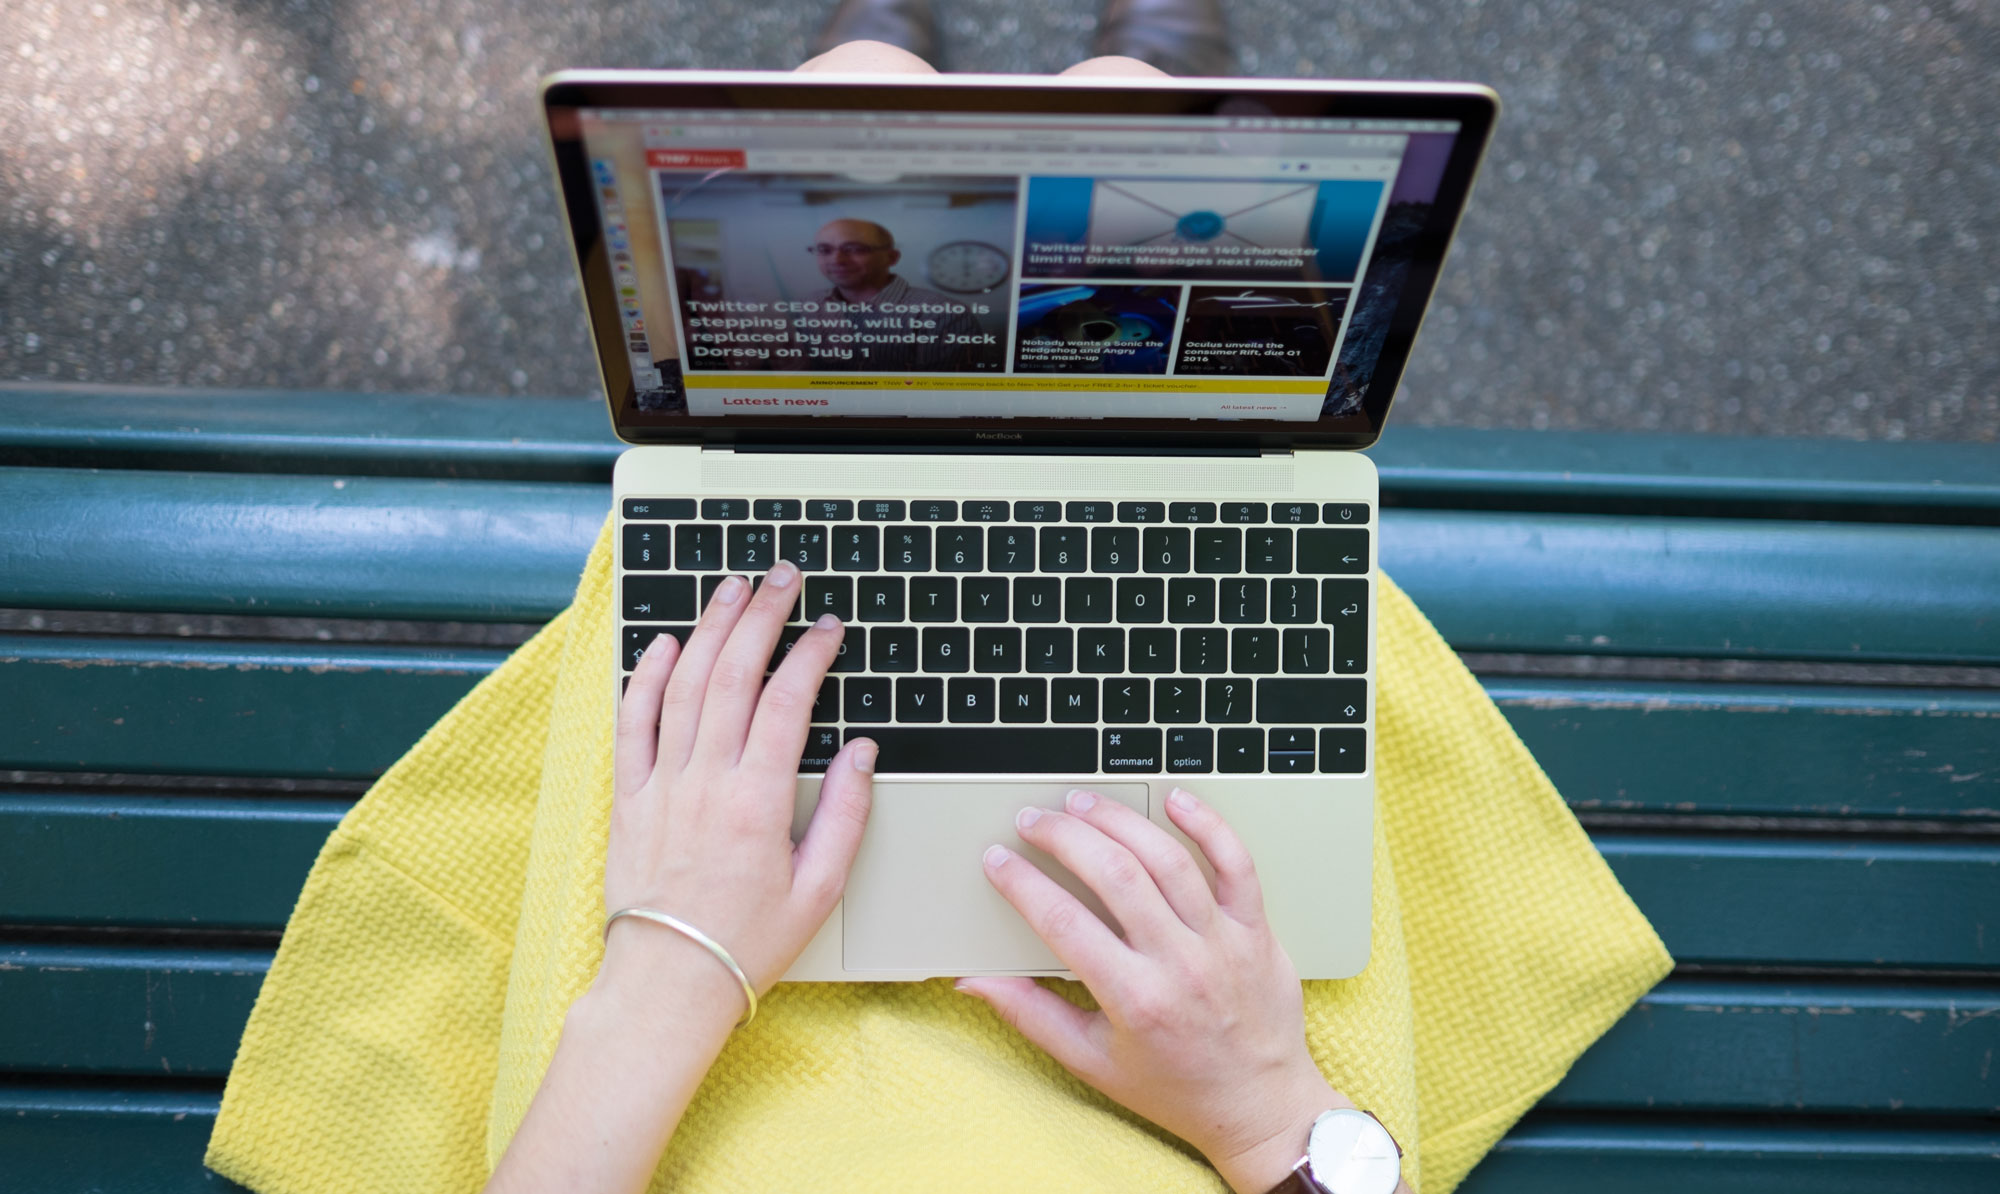 MacBook keys